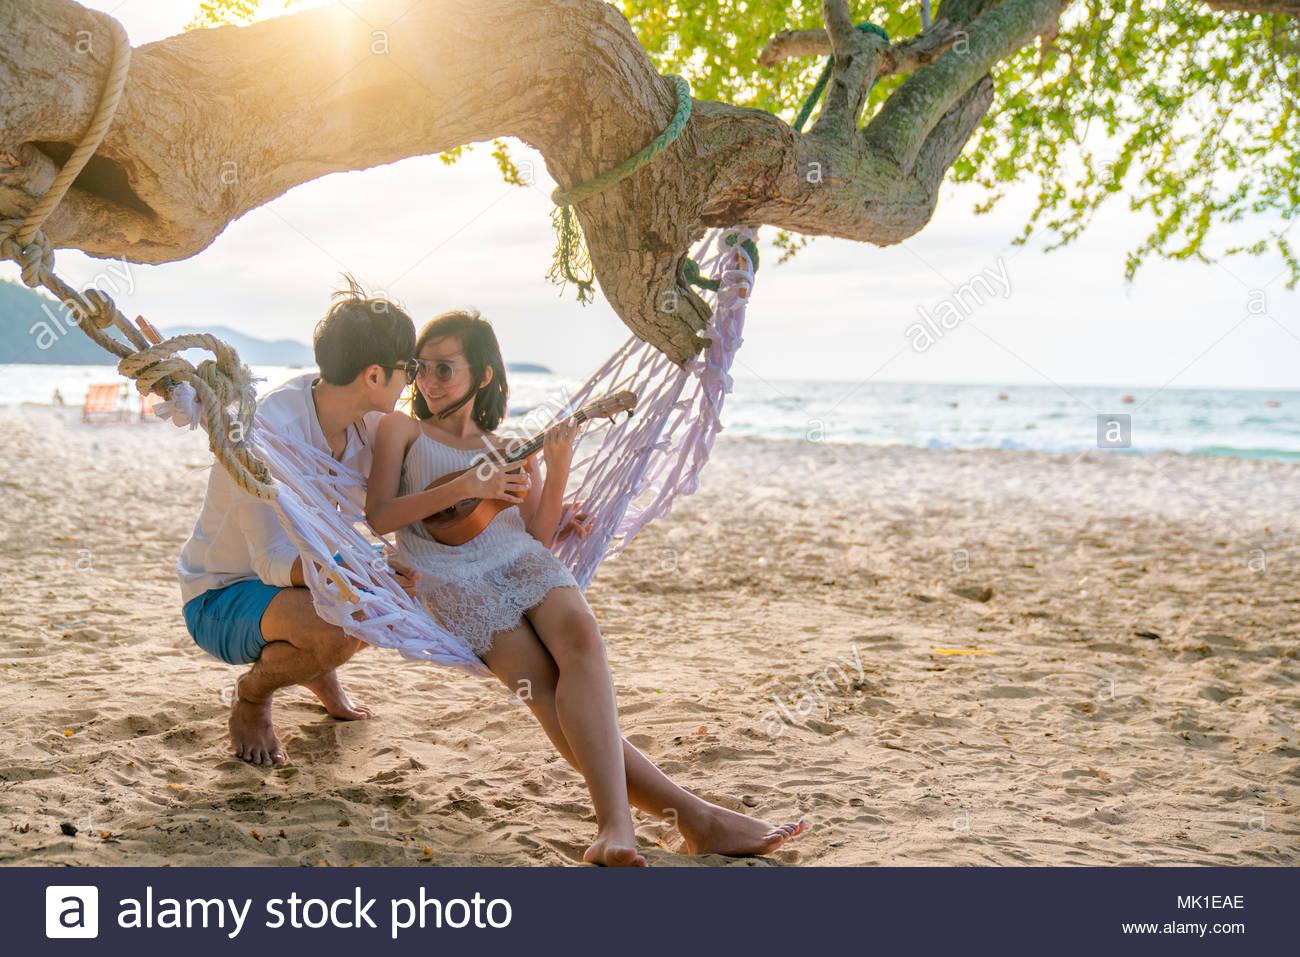 Romantisches Paar sitzt und Küssen auf Meer Strand am Seil schwingen. Familie Urlaub auf Flitterwochen. Liebe und Beziehung Stockbild